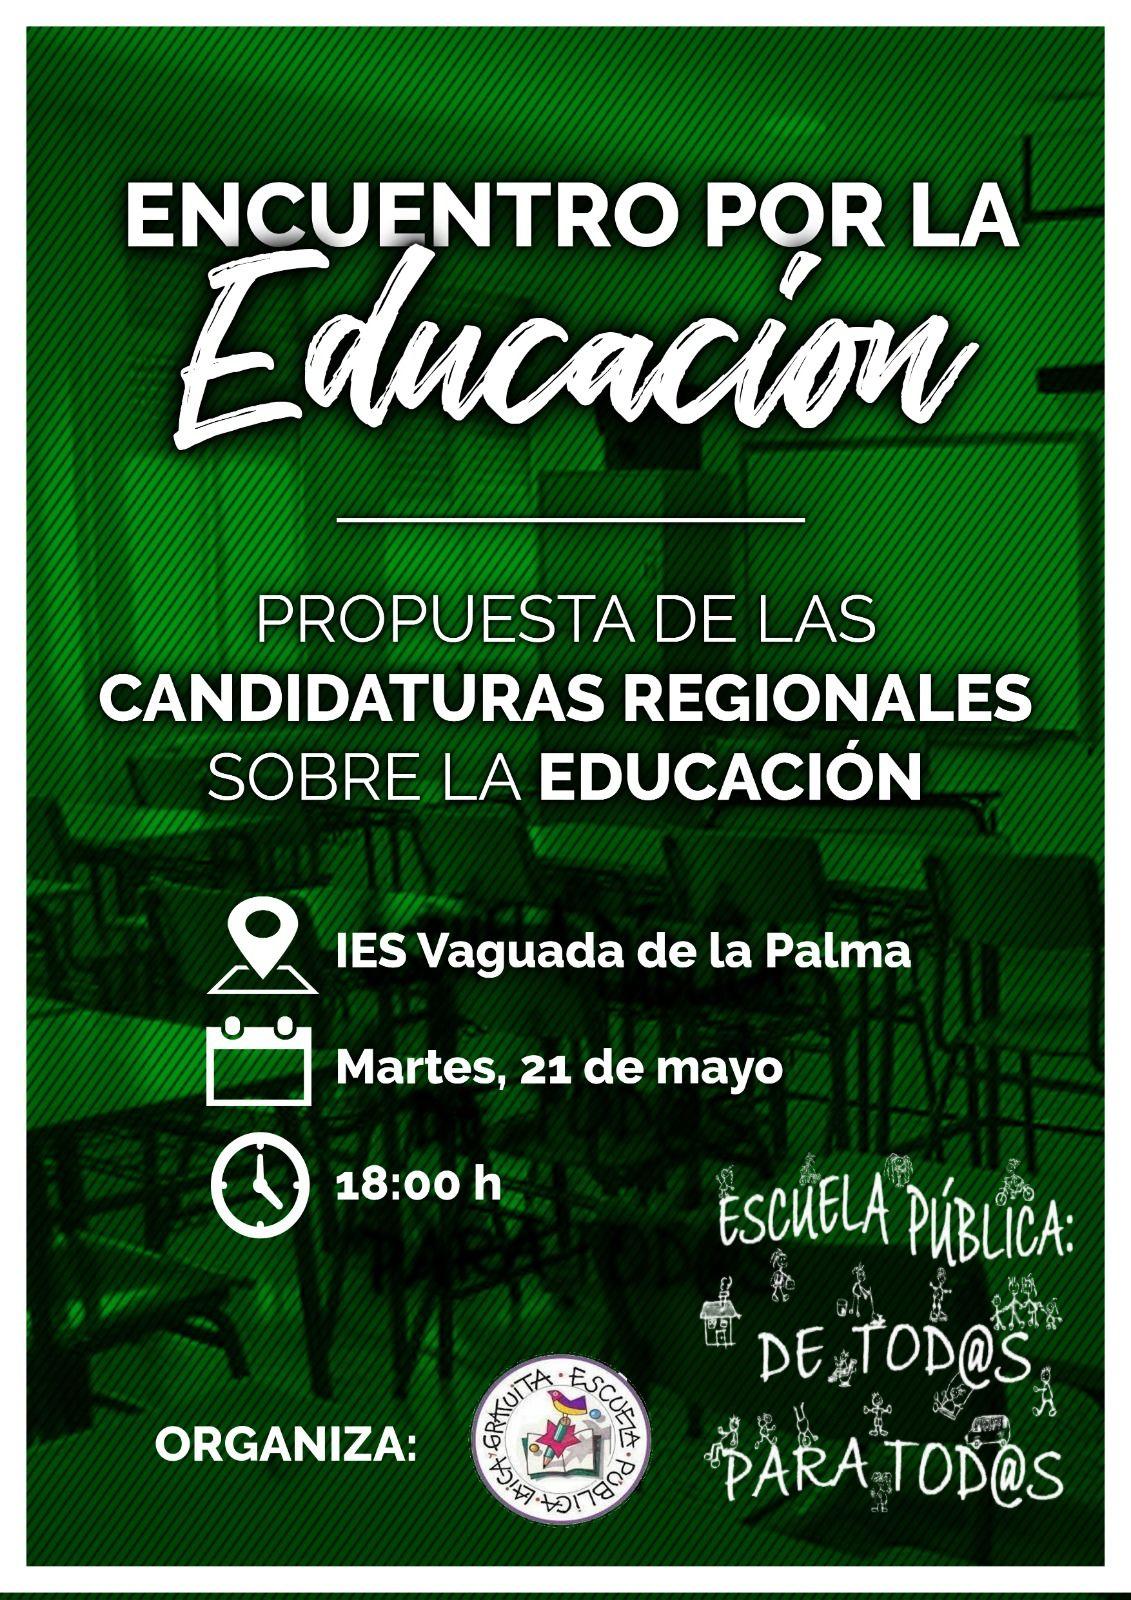 Encuentro por la Educación en Salamanca